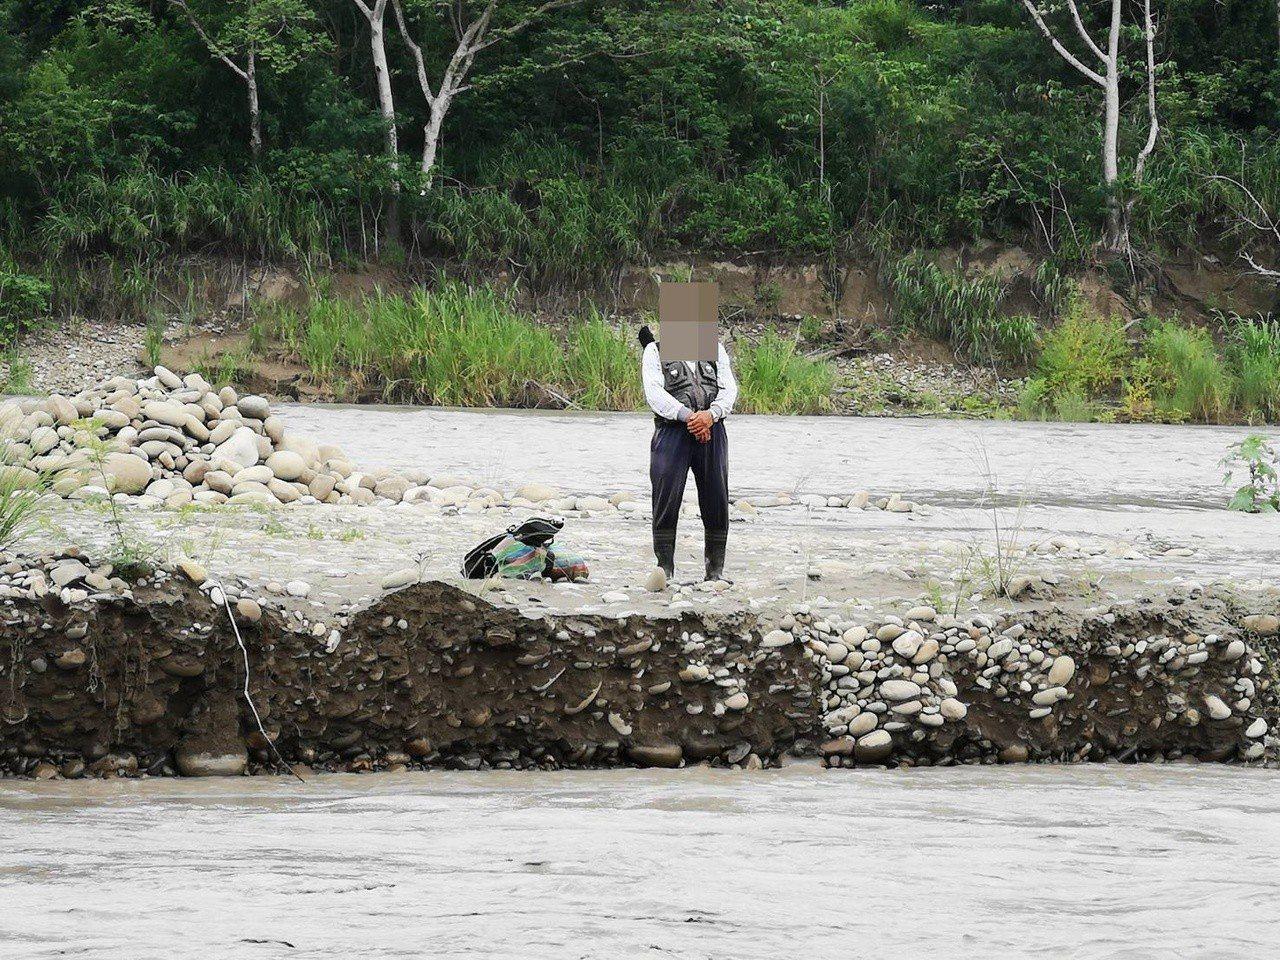 許姓釣客因溪水暴漲,受困沙洲。記者林保光/翻攝